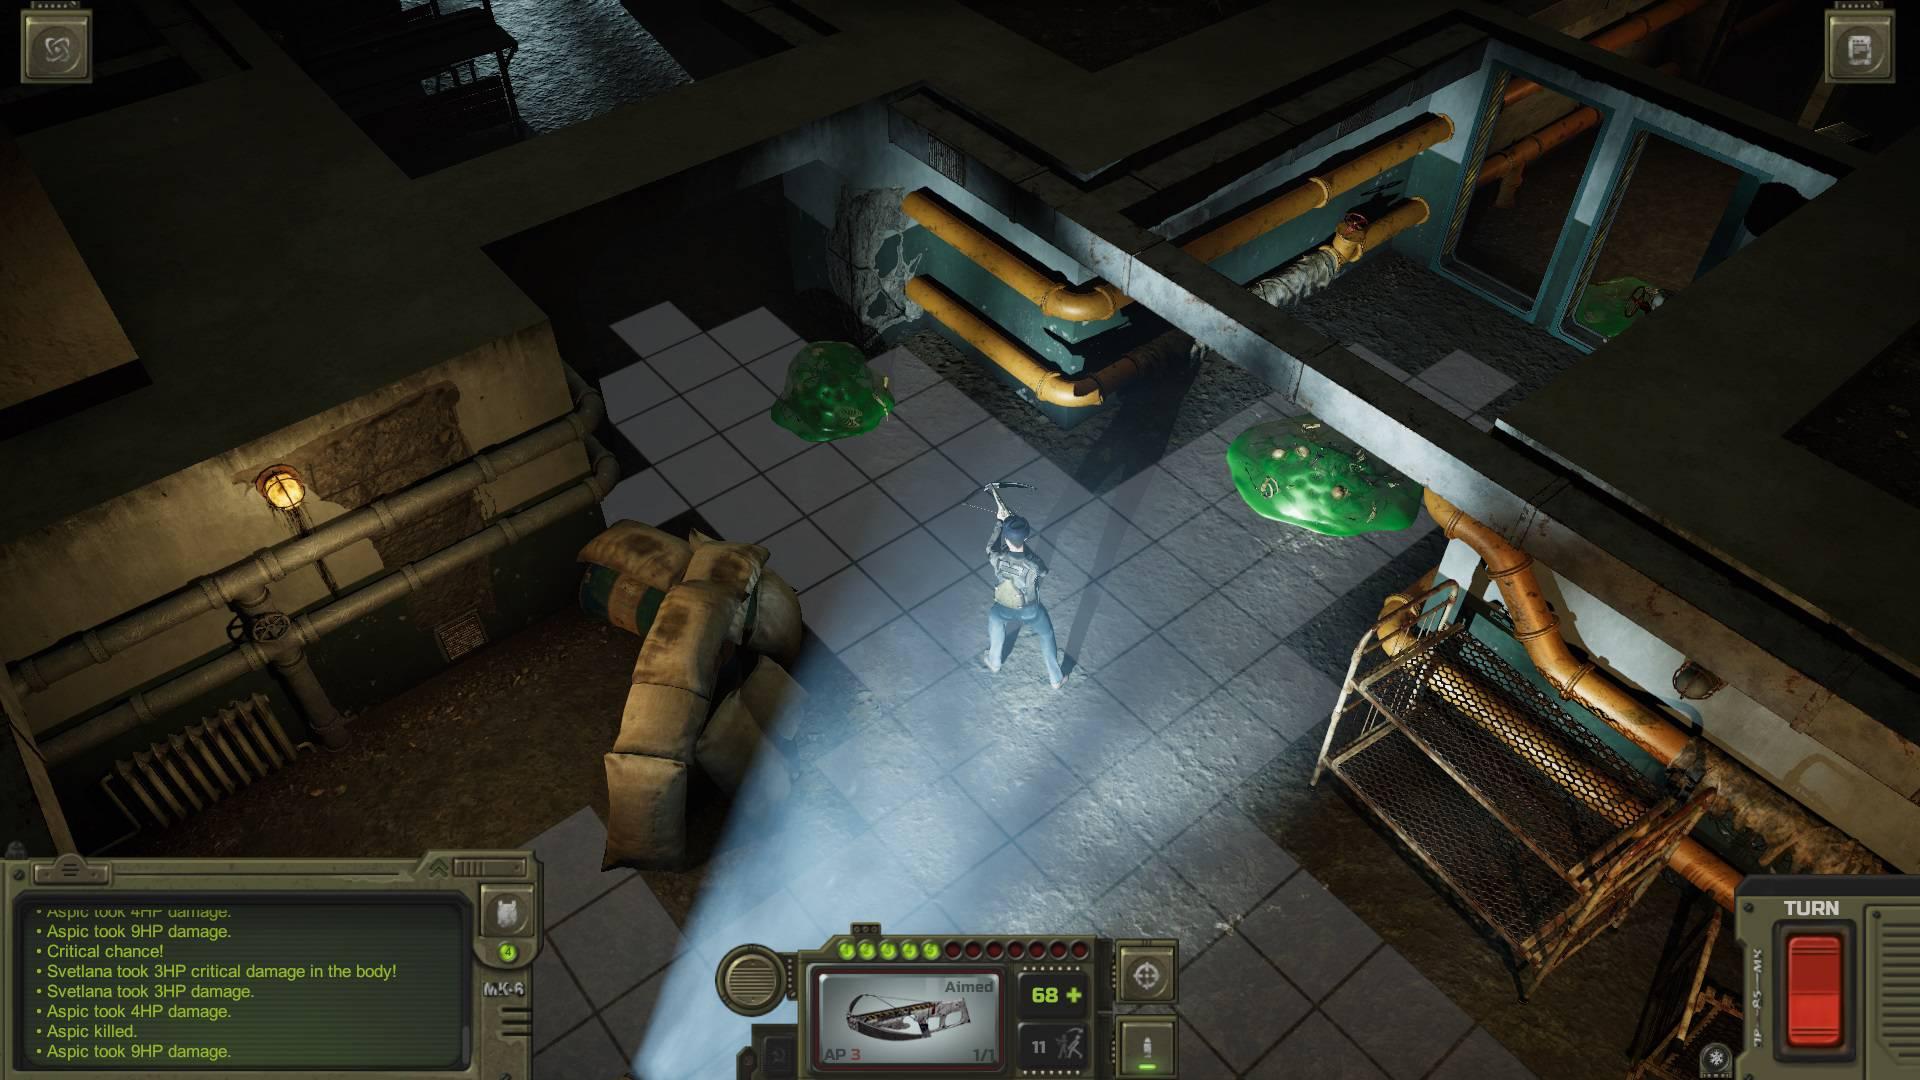 دانلود بازی ATOM RPG Trudograd